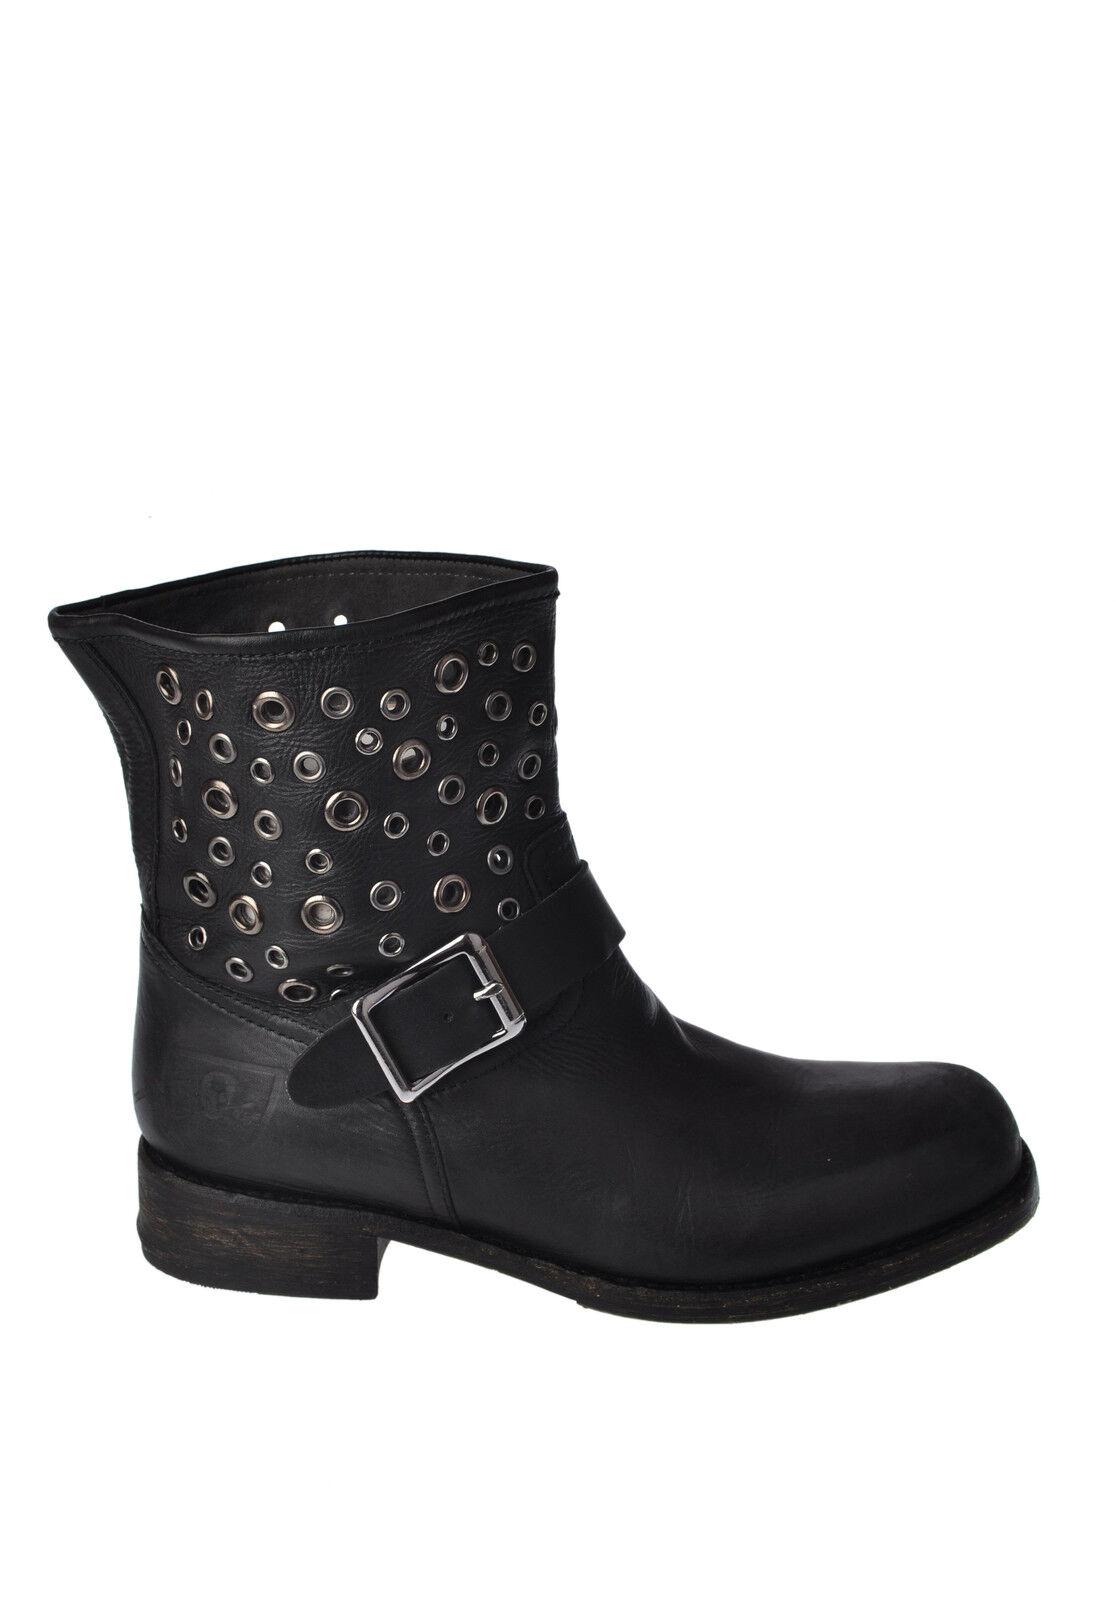 negozio outlet Mr Mr Mr Wolf  -  Ankle stivali - Female - nero - 3300519A185102  in cerca di agente di vendita